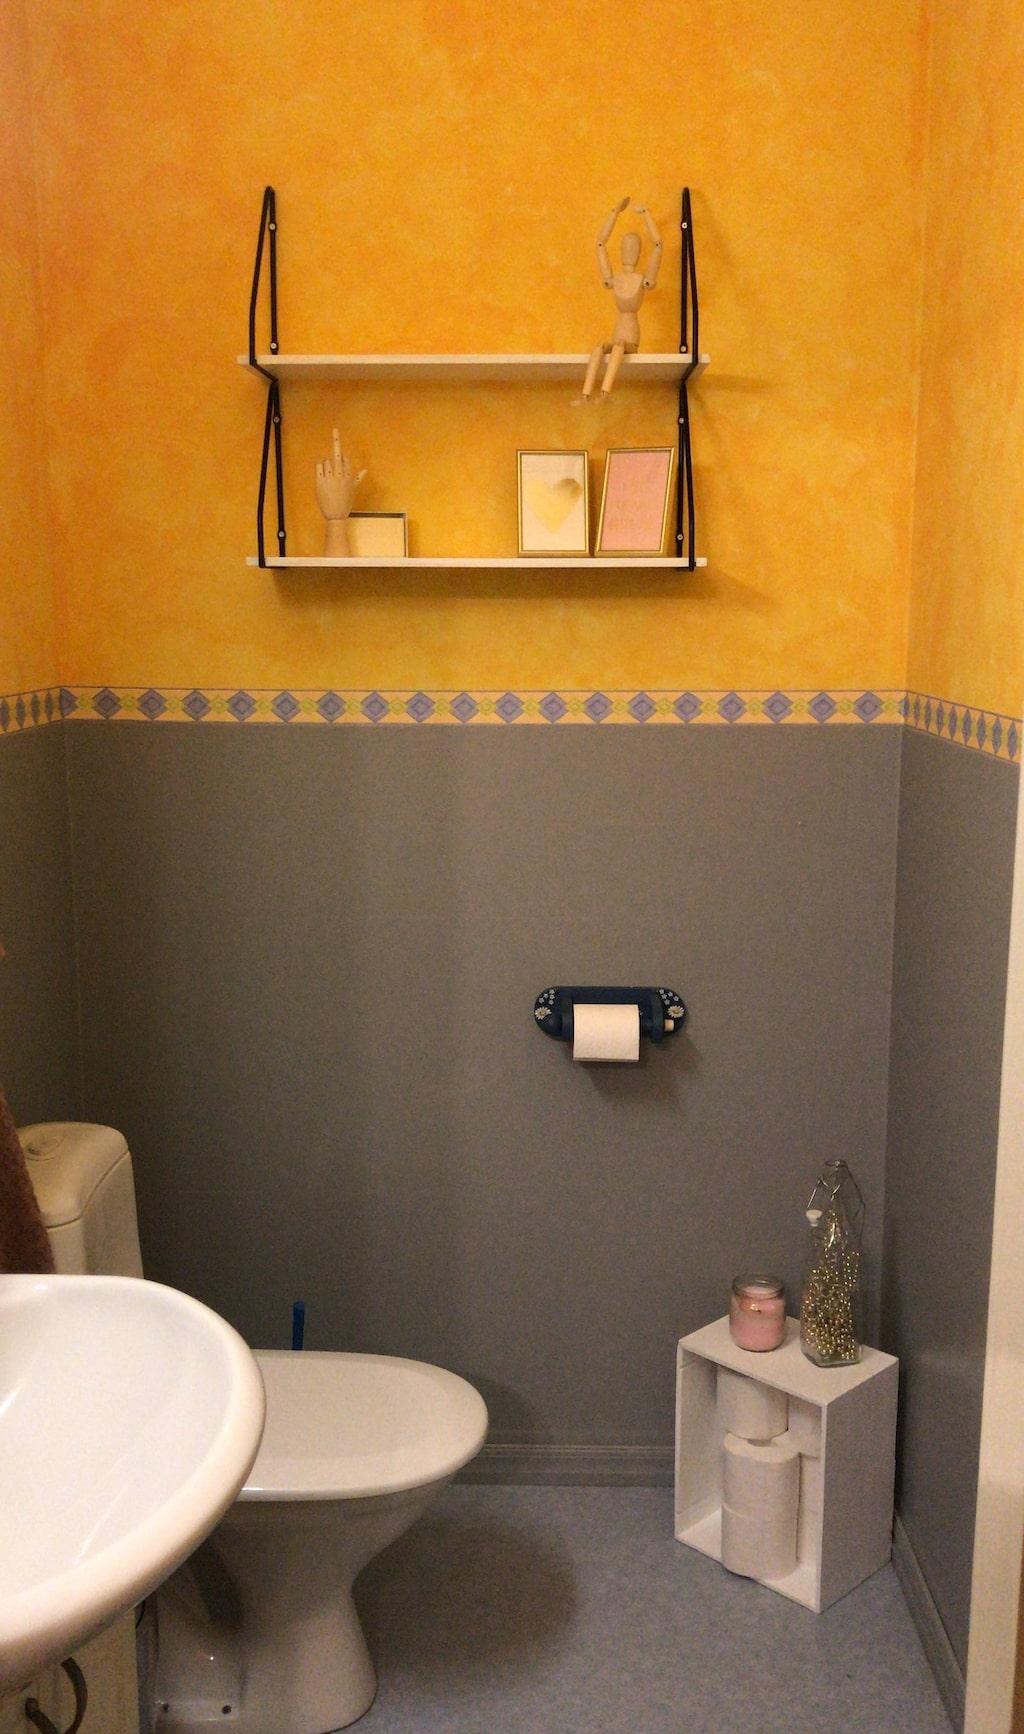 Så här såg badrummet ut innan dekorplasten och målningen...